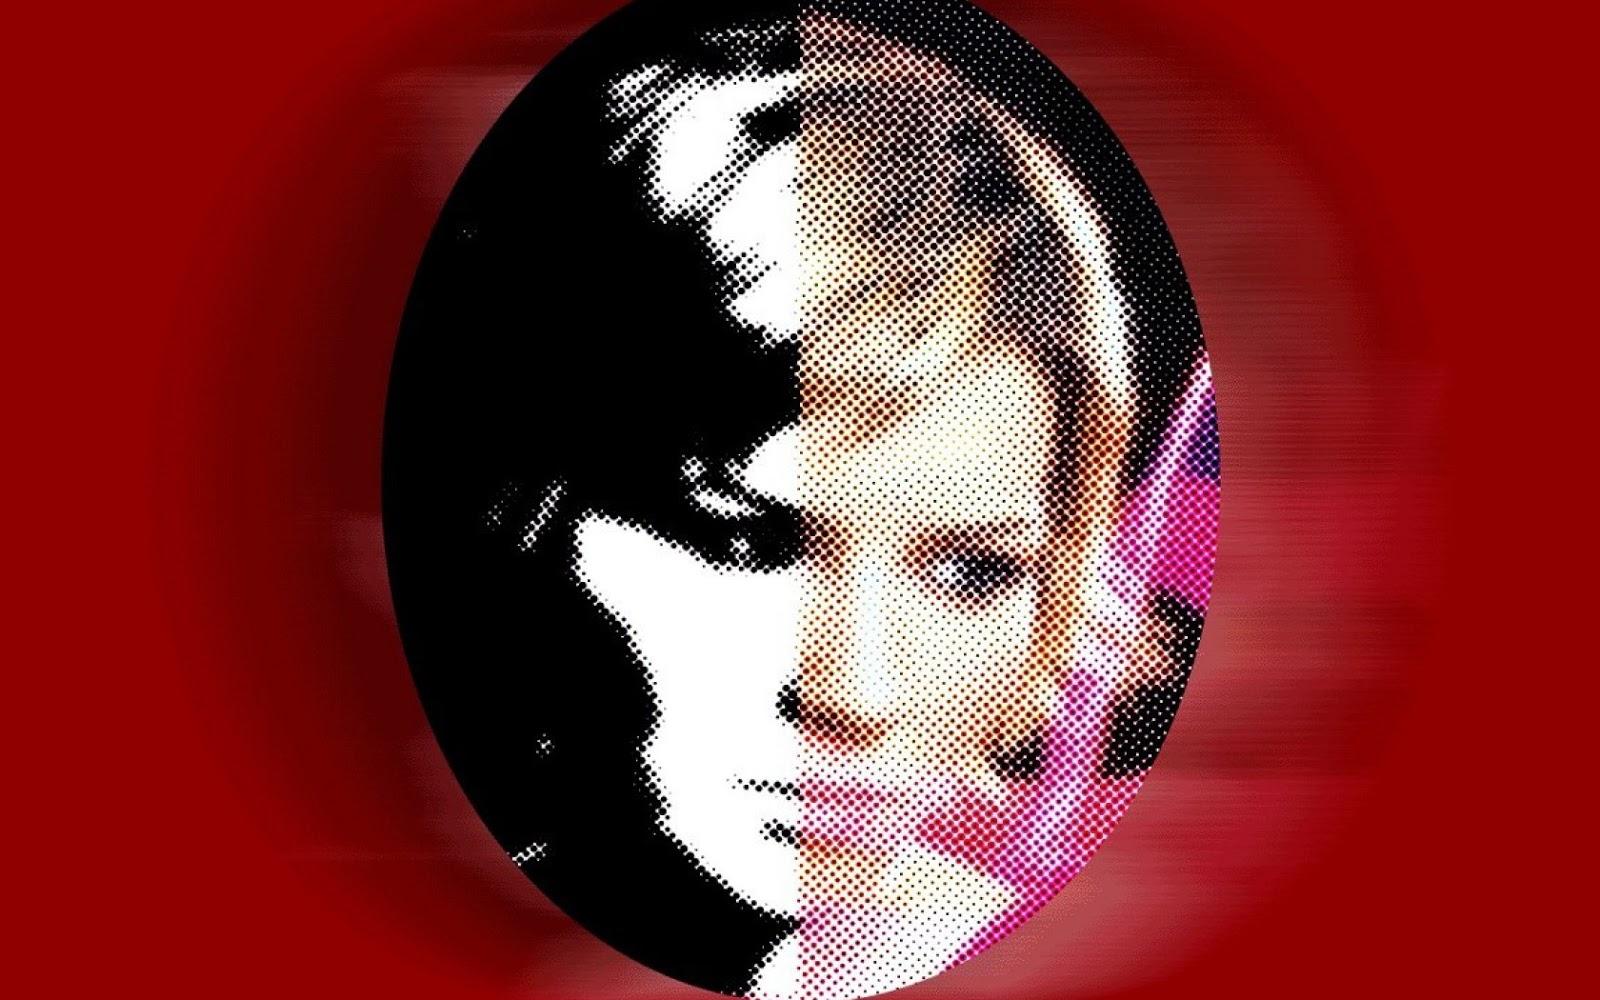 http://1.bp.blogspot.com/-ZShSf2NnhtE/UL1yroicEhI/AAAAAAAAOP4/em3hQig0Njo/s1600/dido-armstrong-wallpaper03.jpg